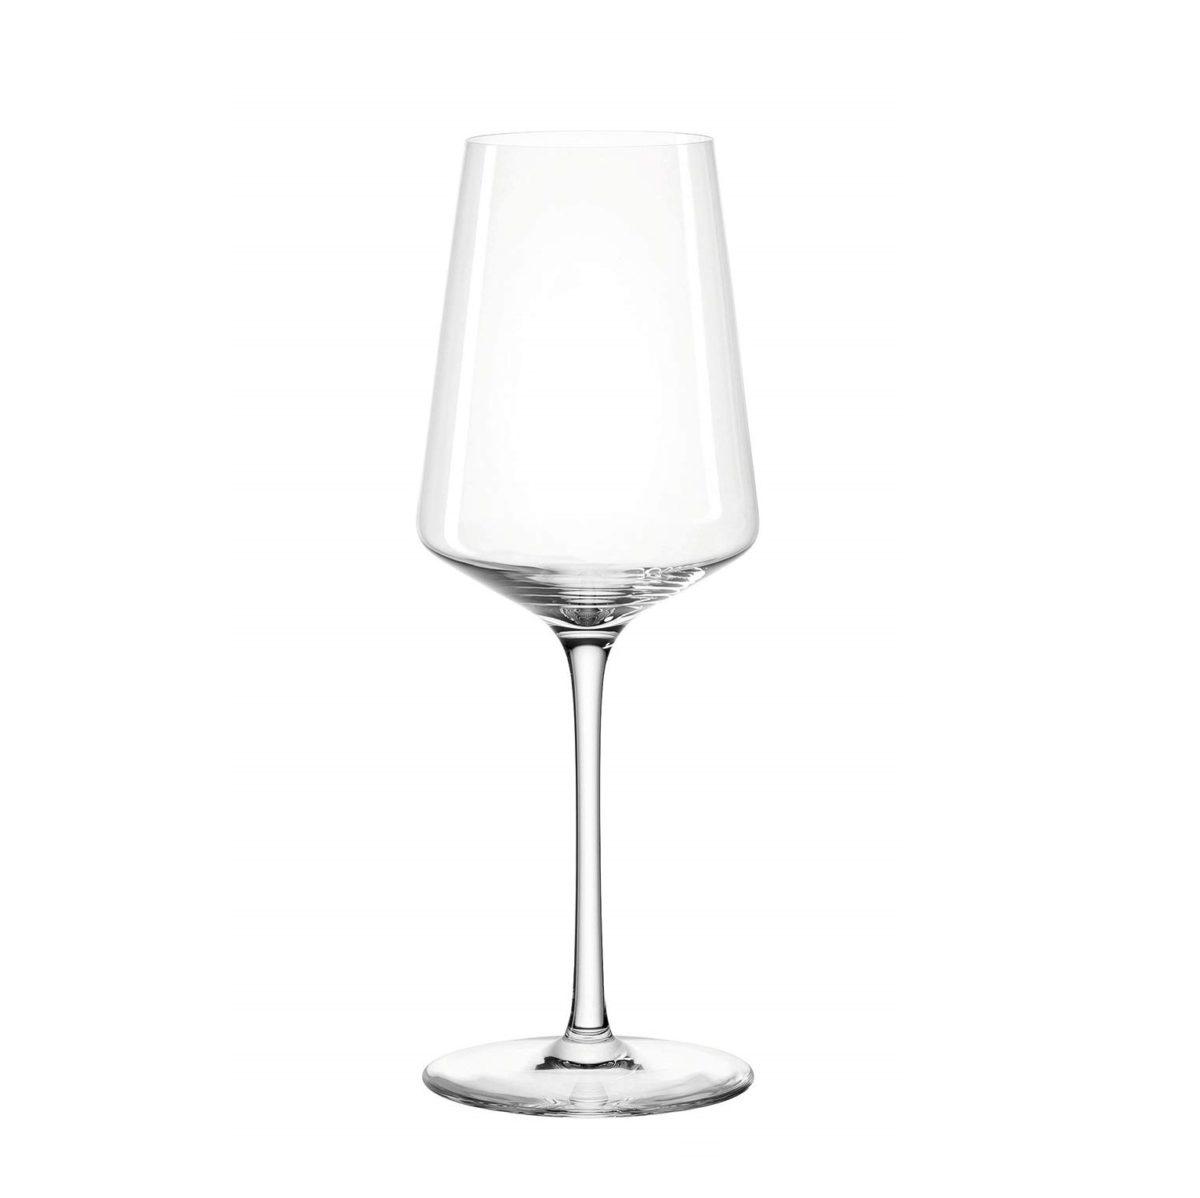 51266e7qZ1L. SL1500  1200x1198 - Pahar pentru vin alb Puccini 400 ml (L069540)